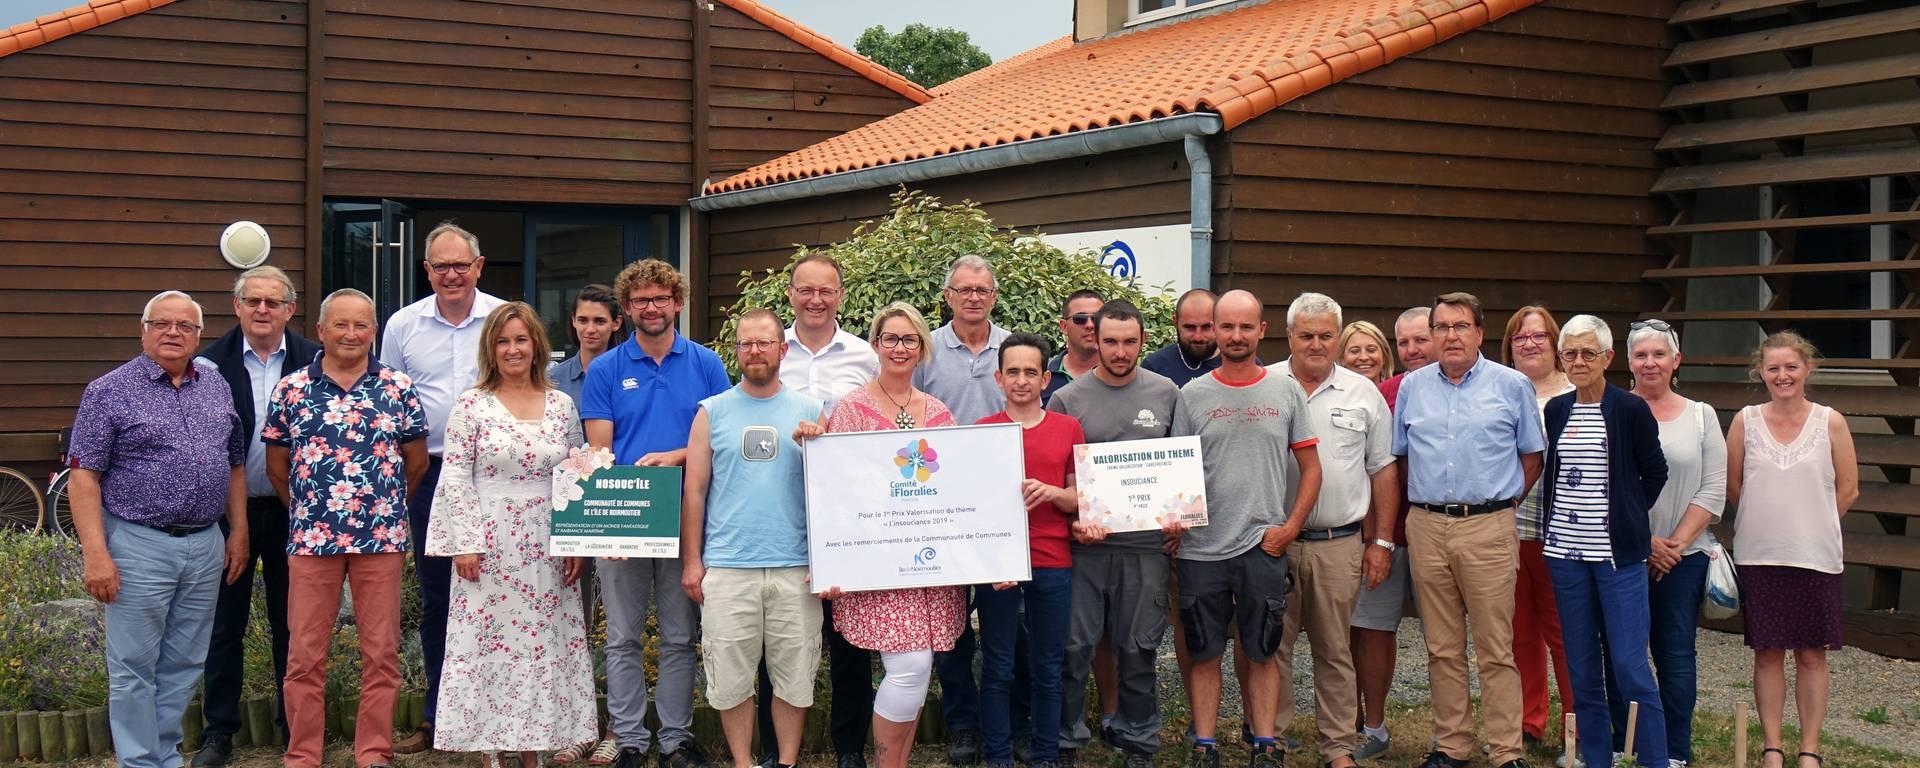 La Communauté de Communes a souhaité féliciter celles et ceux qui ont contribué à la visibilité de l'île.